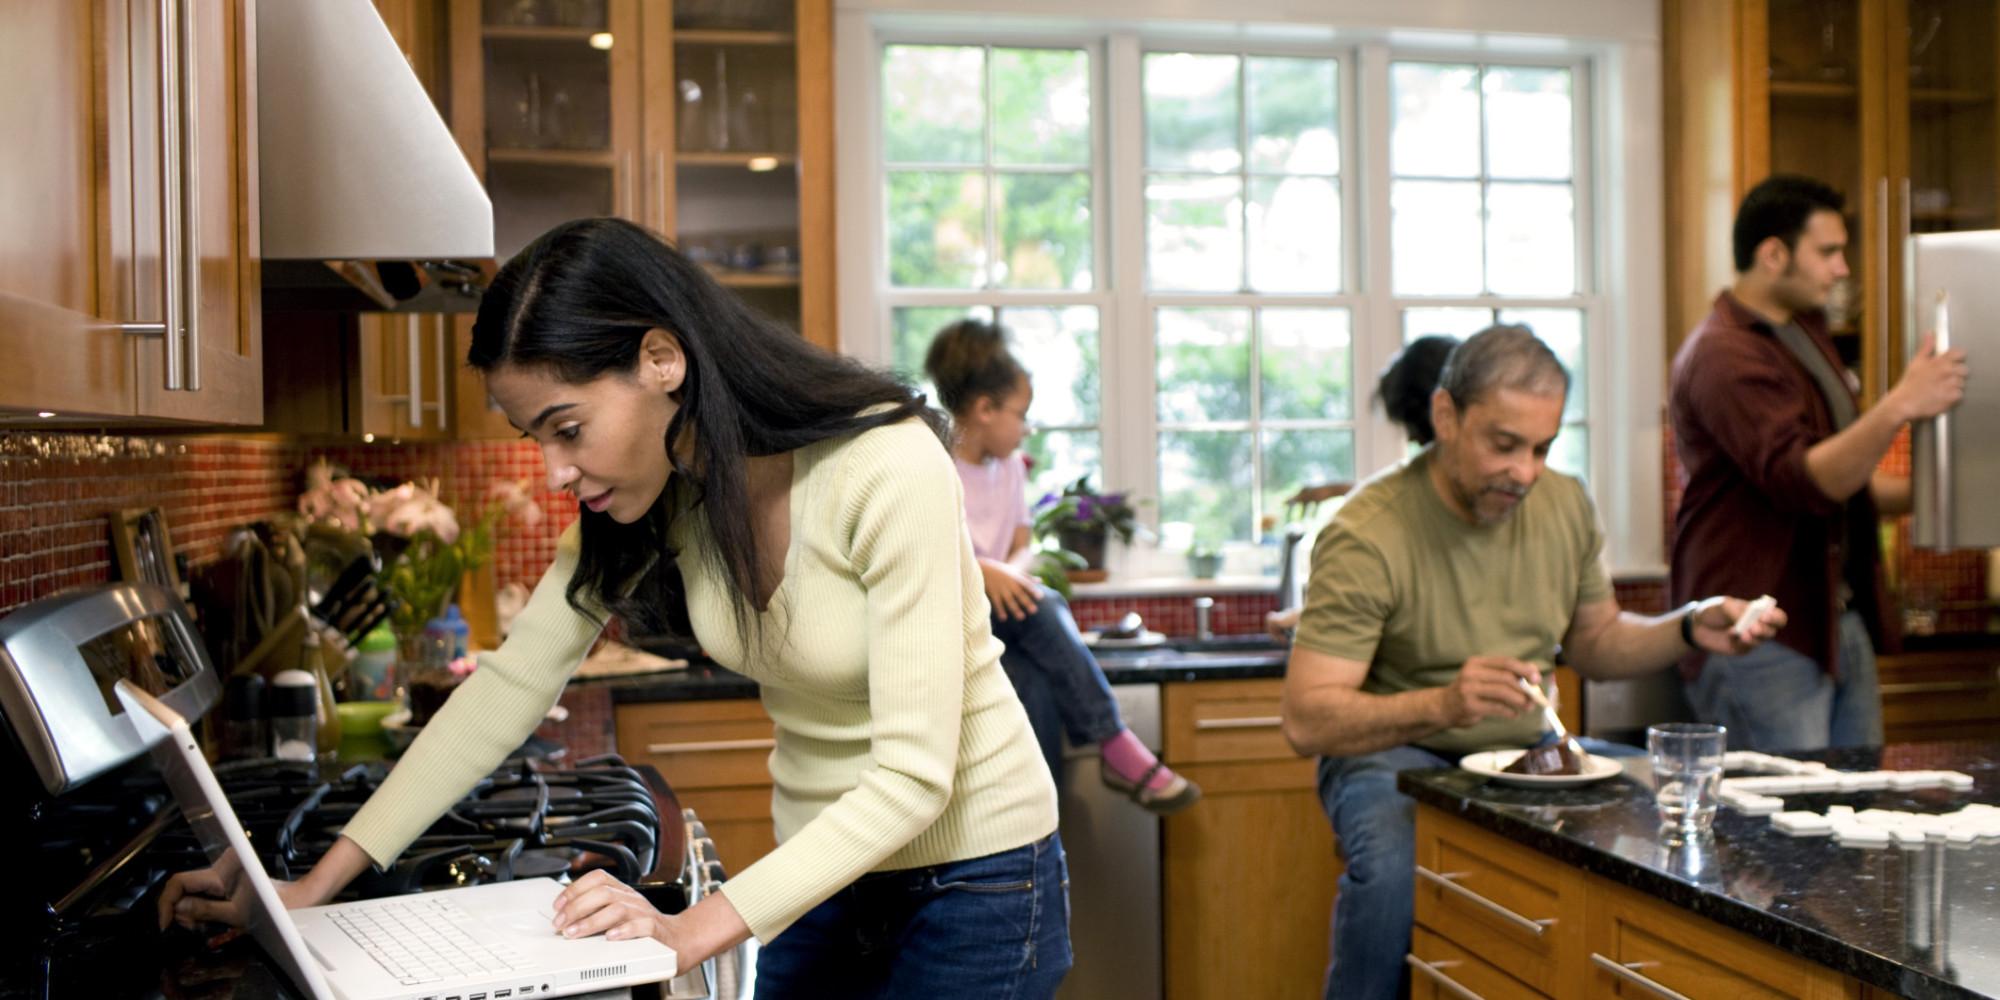 Stromfresser Küche So sparen Sie beim Kochen und Kühlen  -> Kühlschrank Quietscht Beim Kühlen